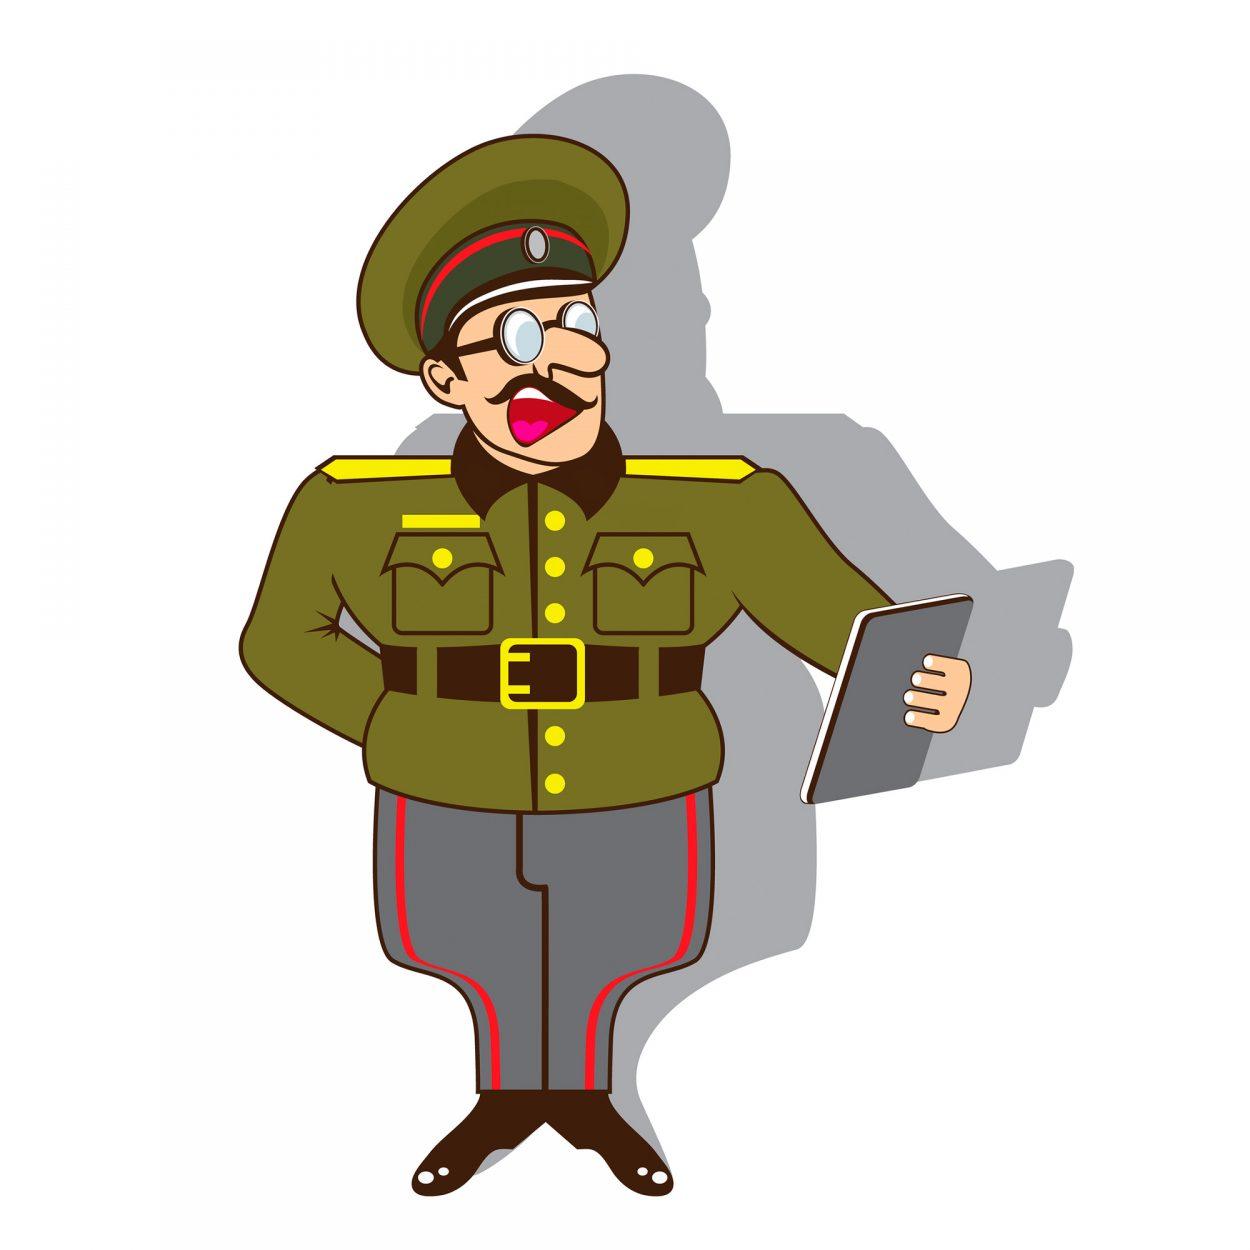 Прикольный анекдот про то, чему учат будущих офицеров